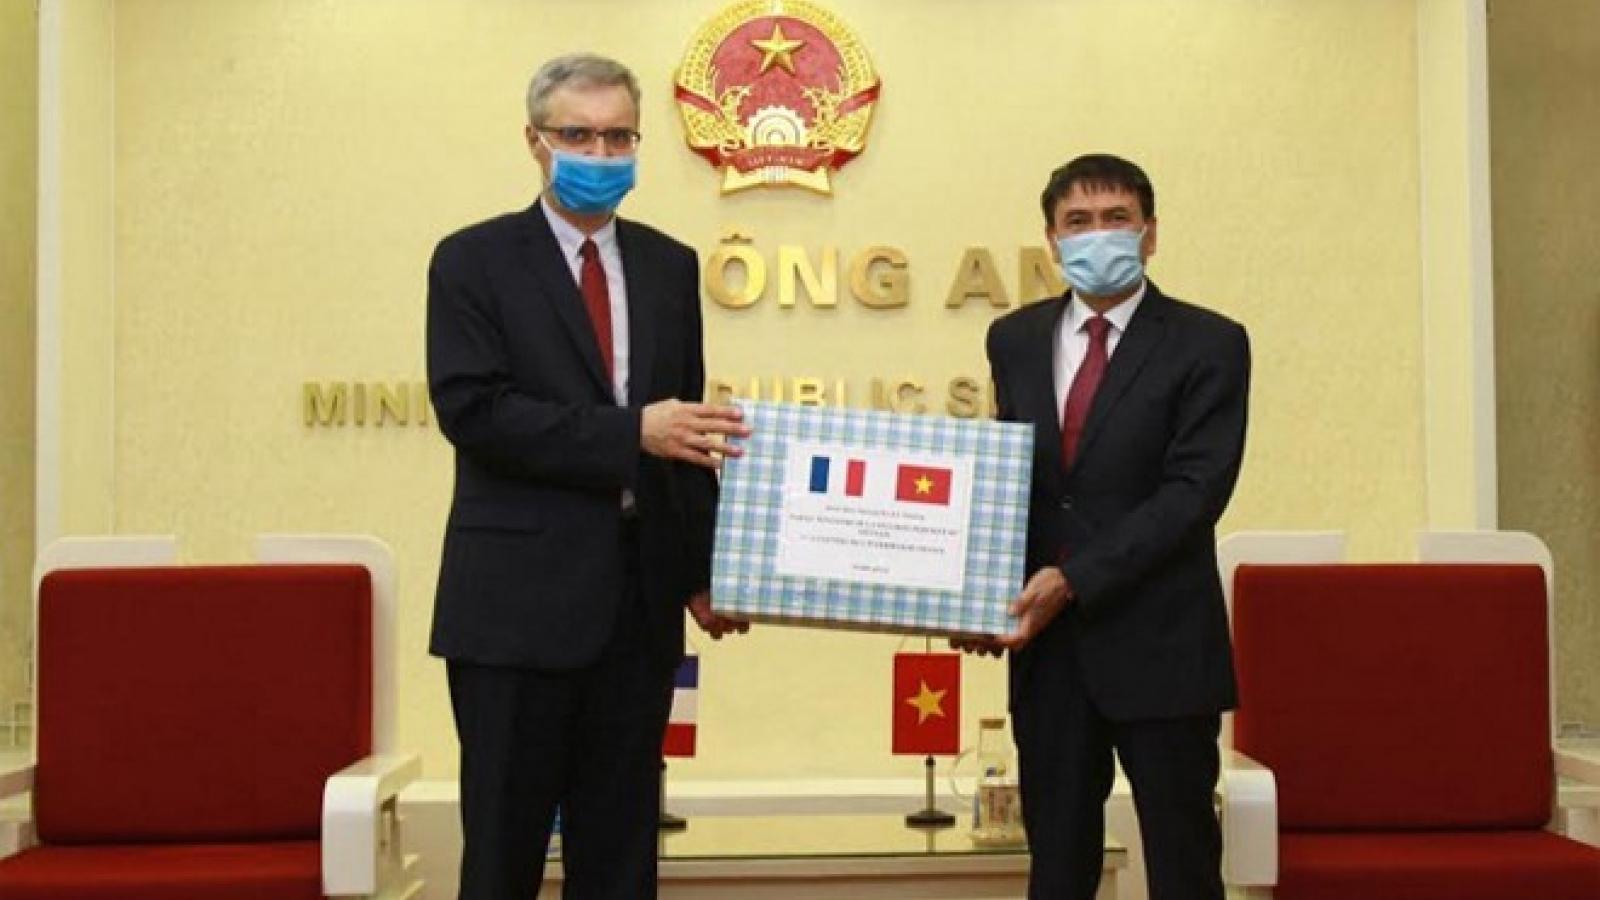 Bộ Công an trao tặng 10.000 khẩu trang cho Bộ Nội vụ Pháp